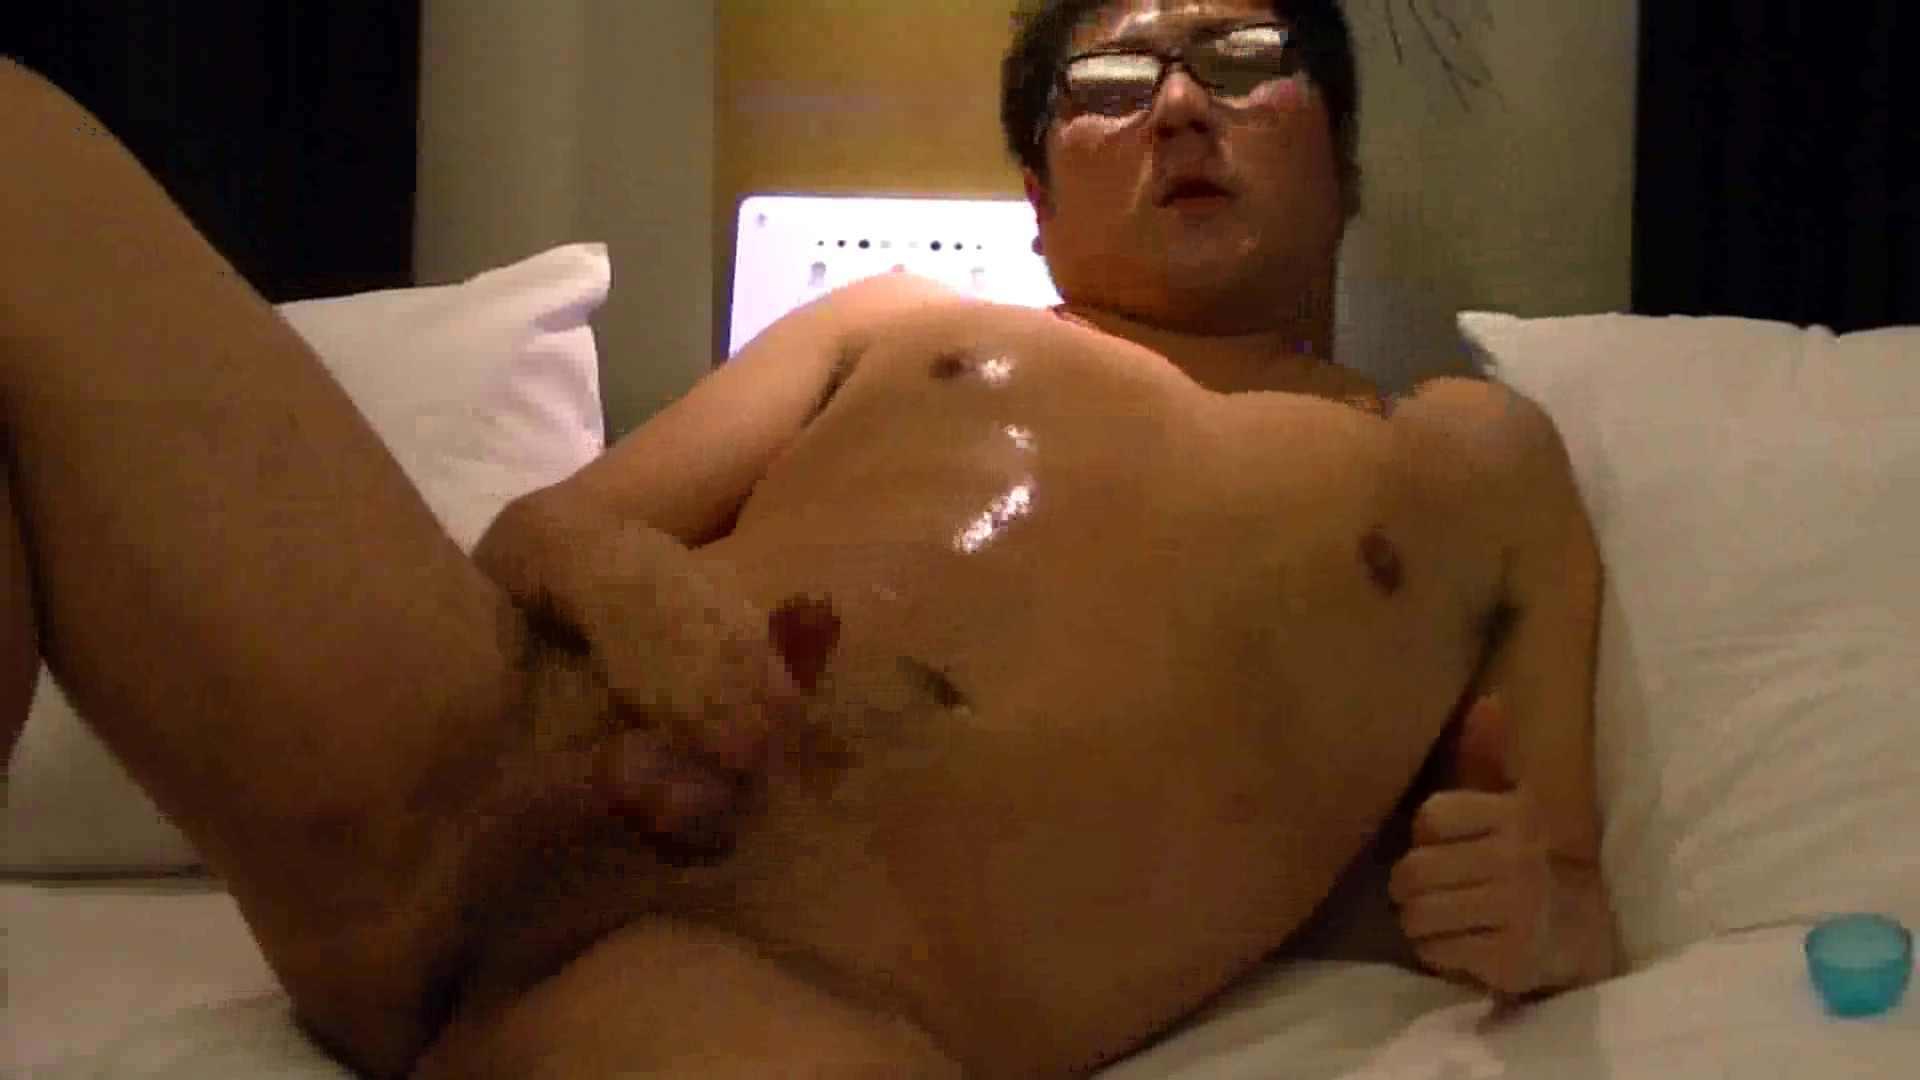 ONA見せカーニバル!! Vol5 エッチ  89pic 54